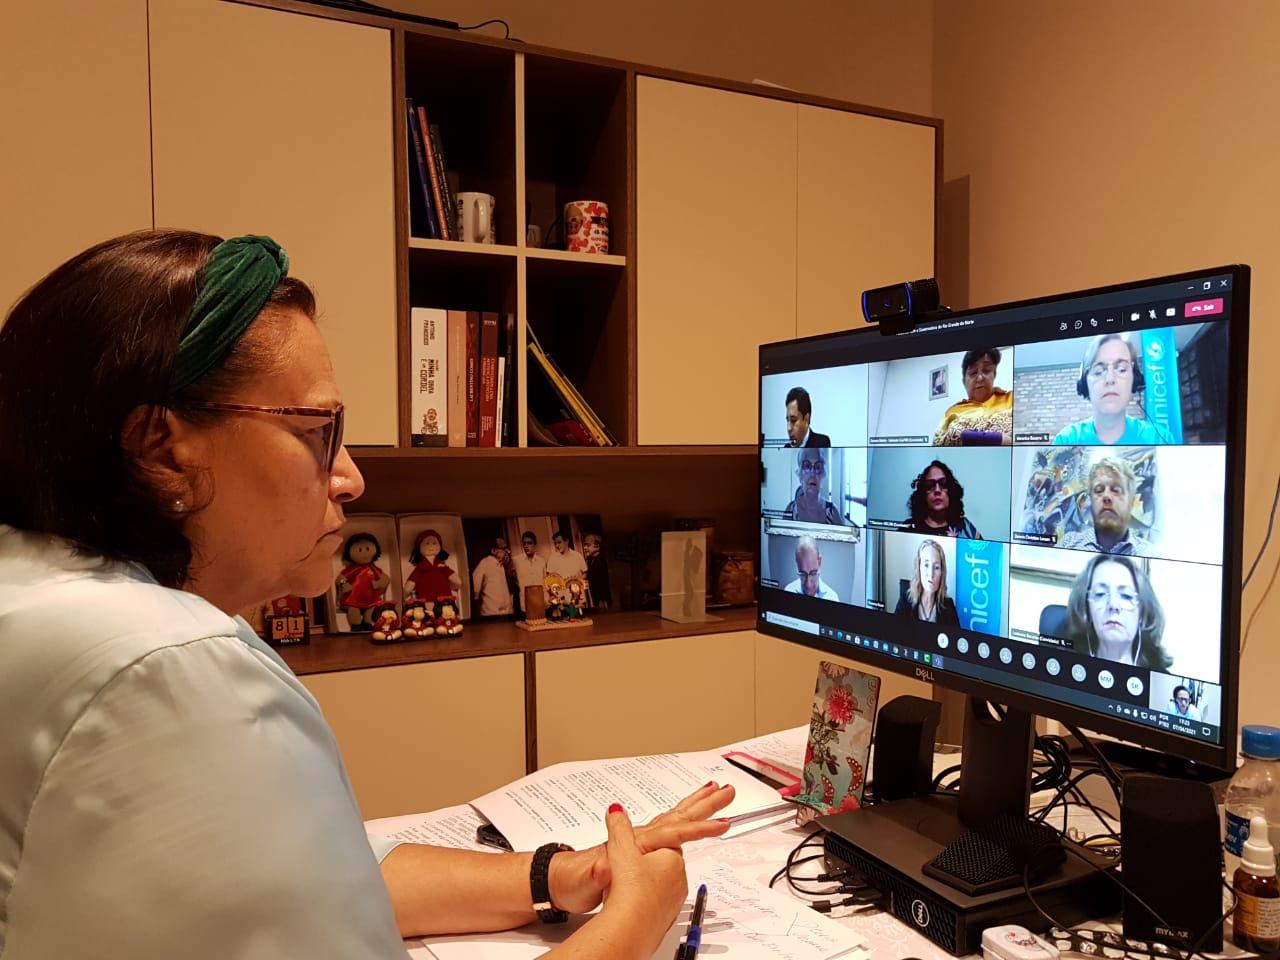 Unicef sugere que boas práticas educacionais do RN sejam compartilhadas com outros estados